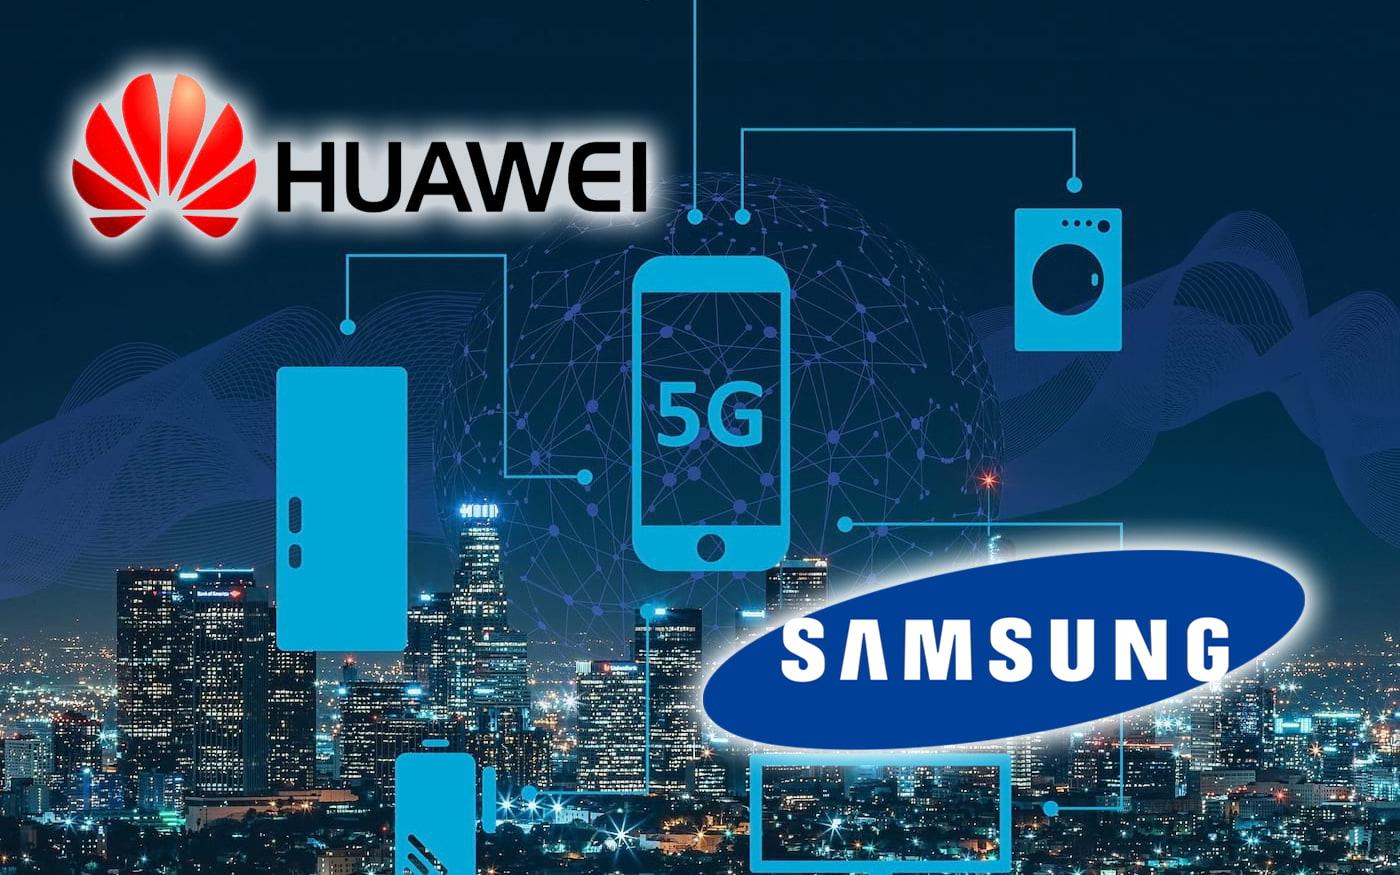 قد تتفوق Huawei على Samsung في السوق للهواتف الذكية 5G المصنعة في جميع أنحاء العالم في عام 2020